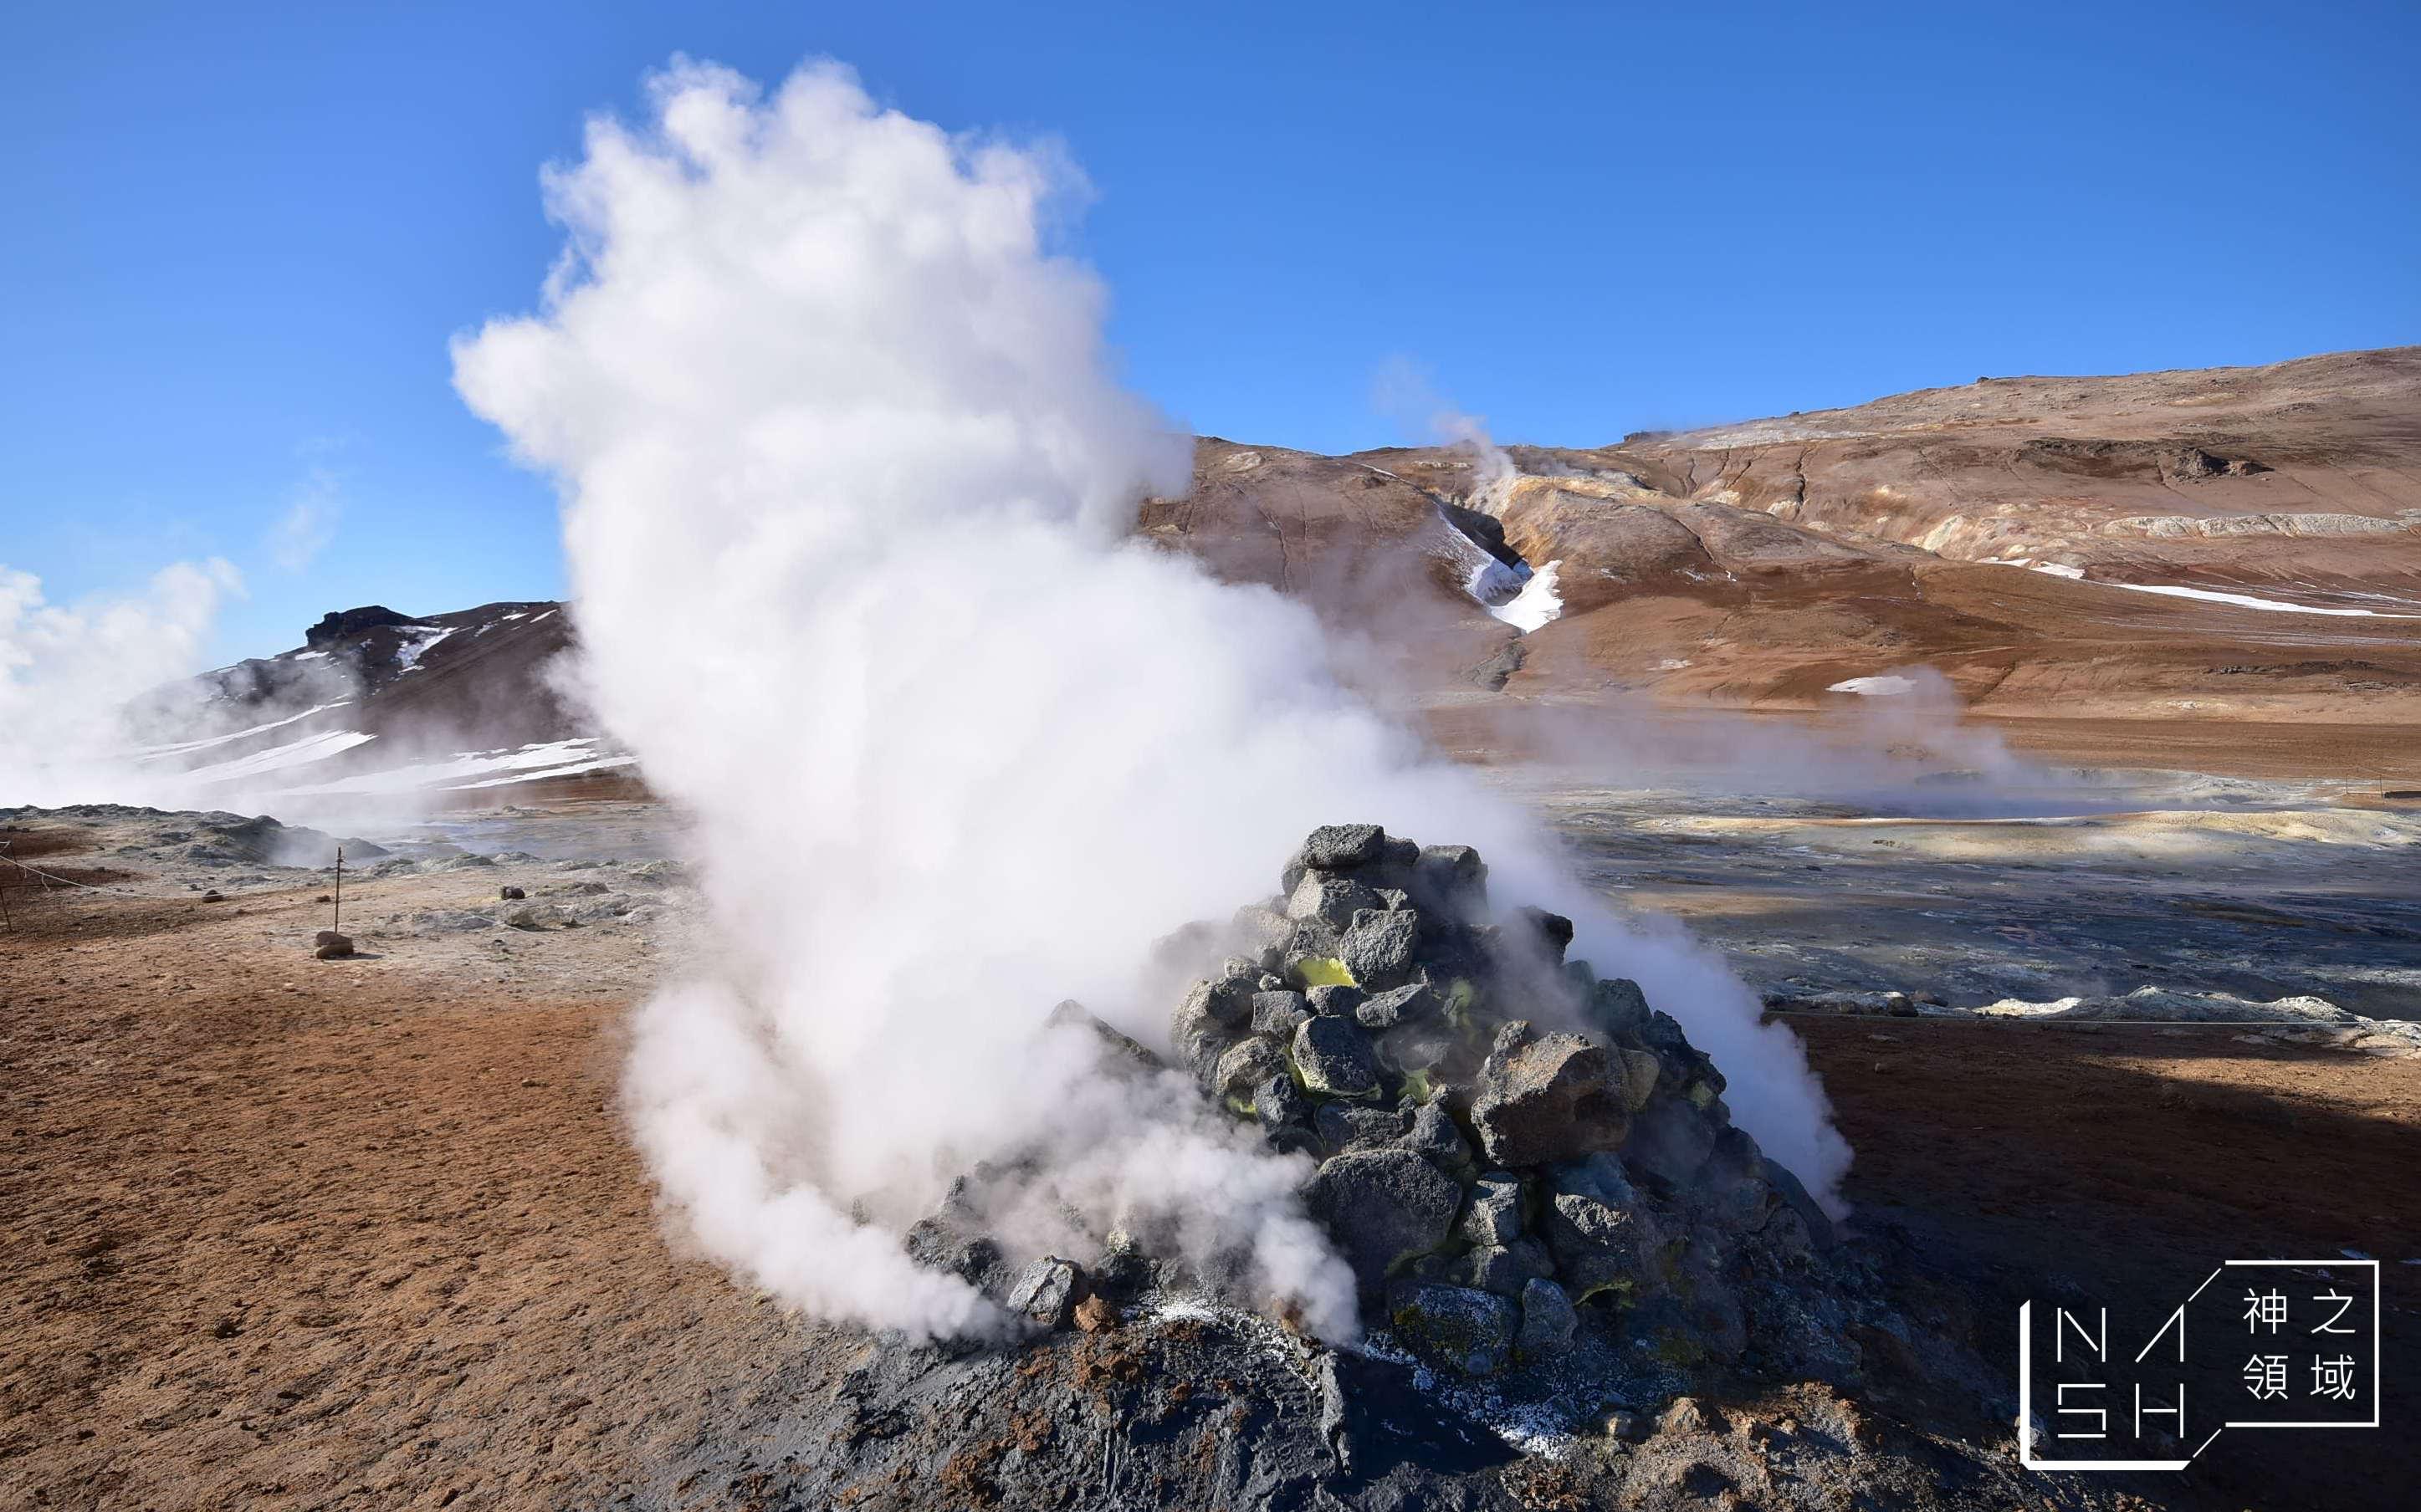 冰島自由行環島景點推薦,米湖景點推薦,NAMAFJALL HVERIR,冰島地熱谷 @Nash,神之領域